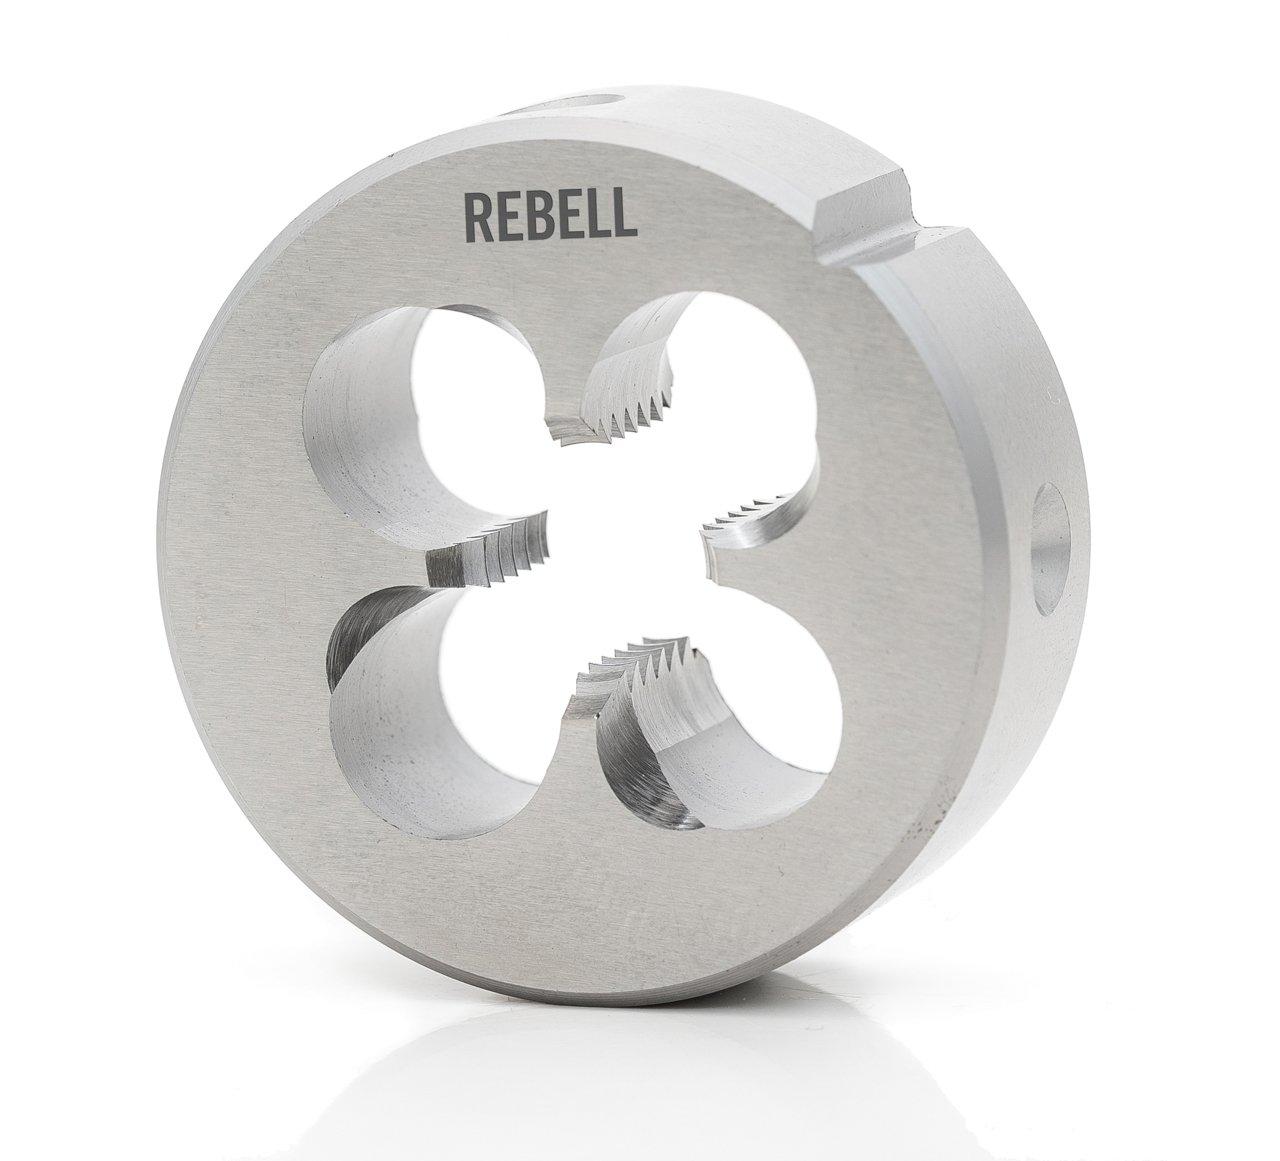 REBELL Schneideisen MF RH 6g HSS mit Schälanschnitt - EN 22568 - Typ MS